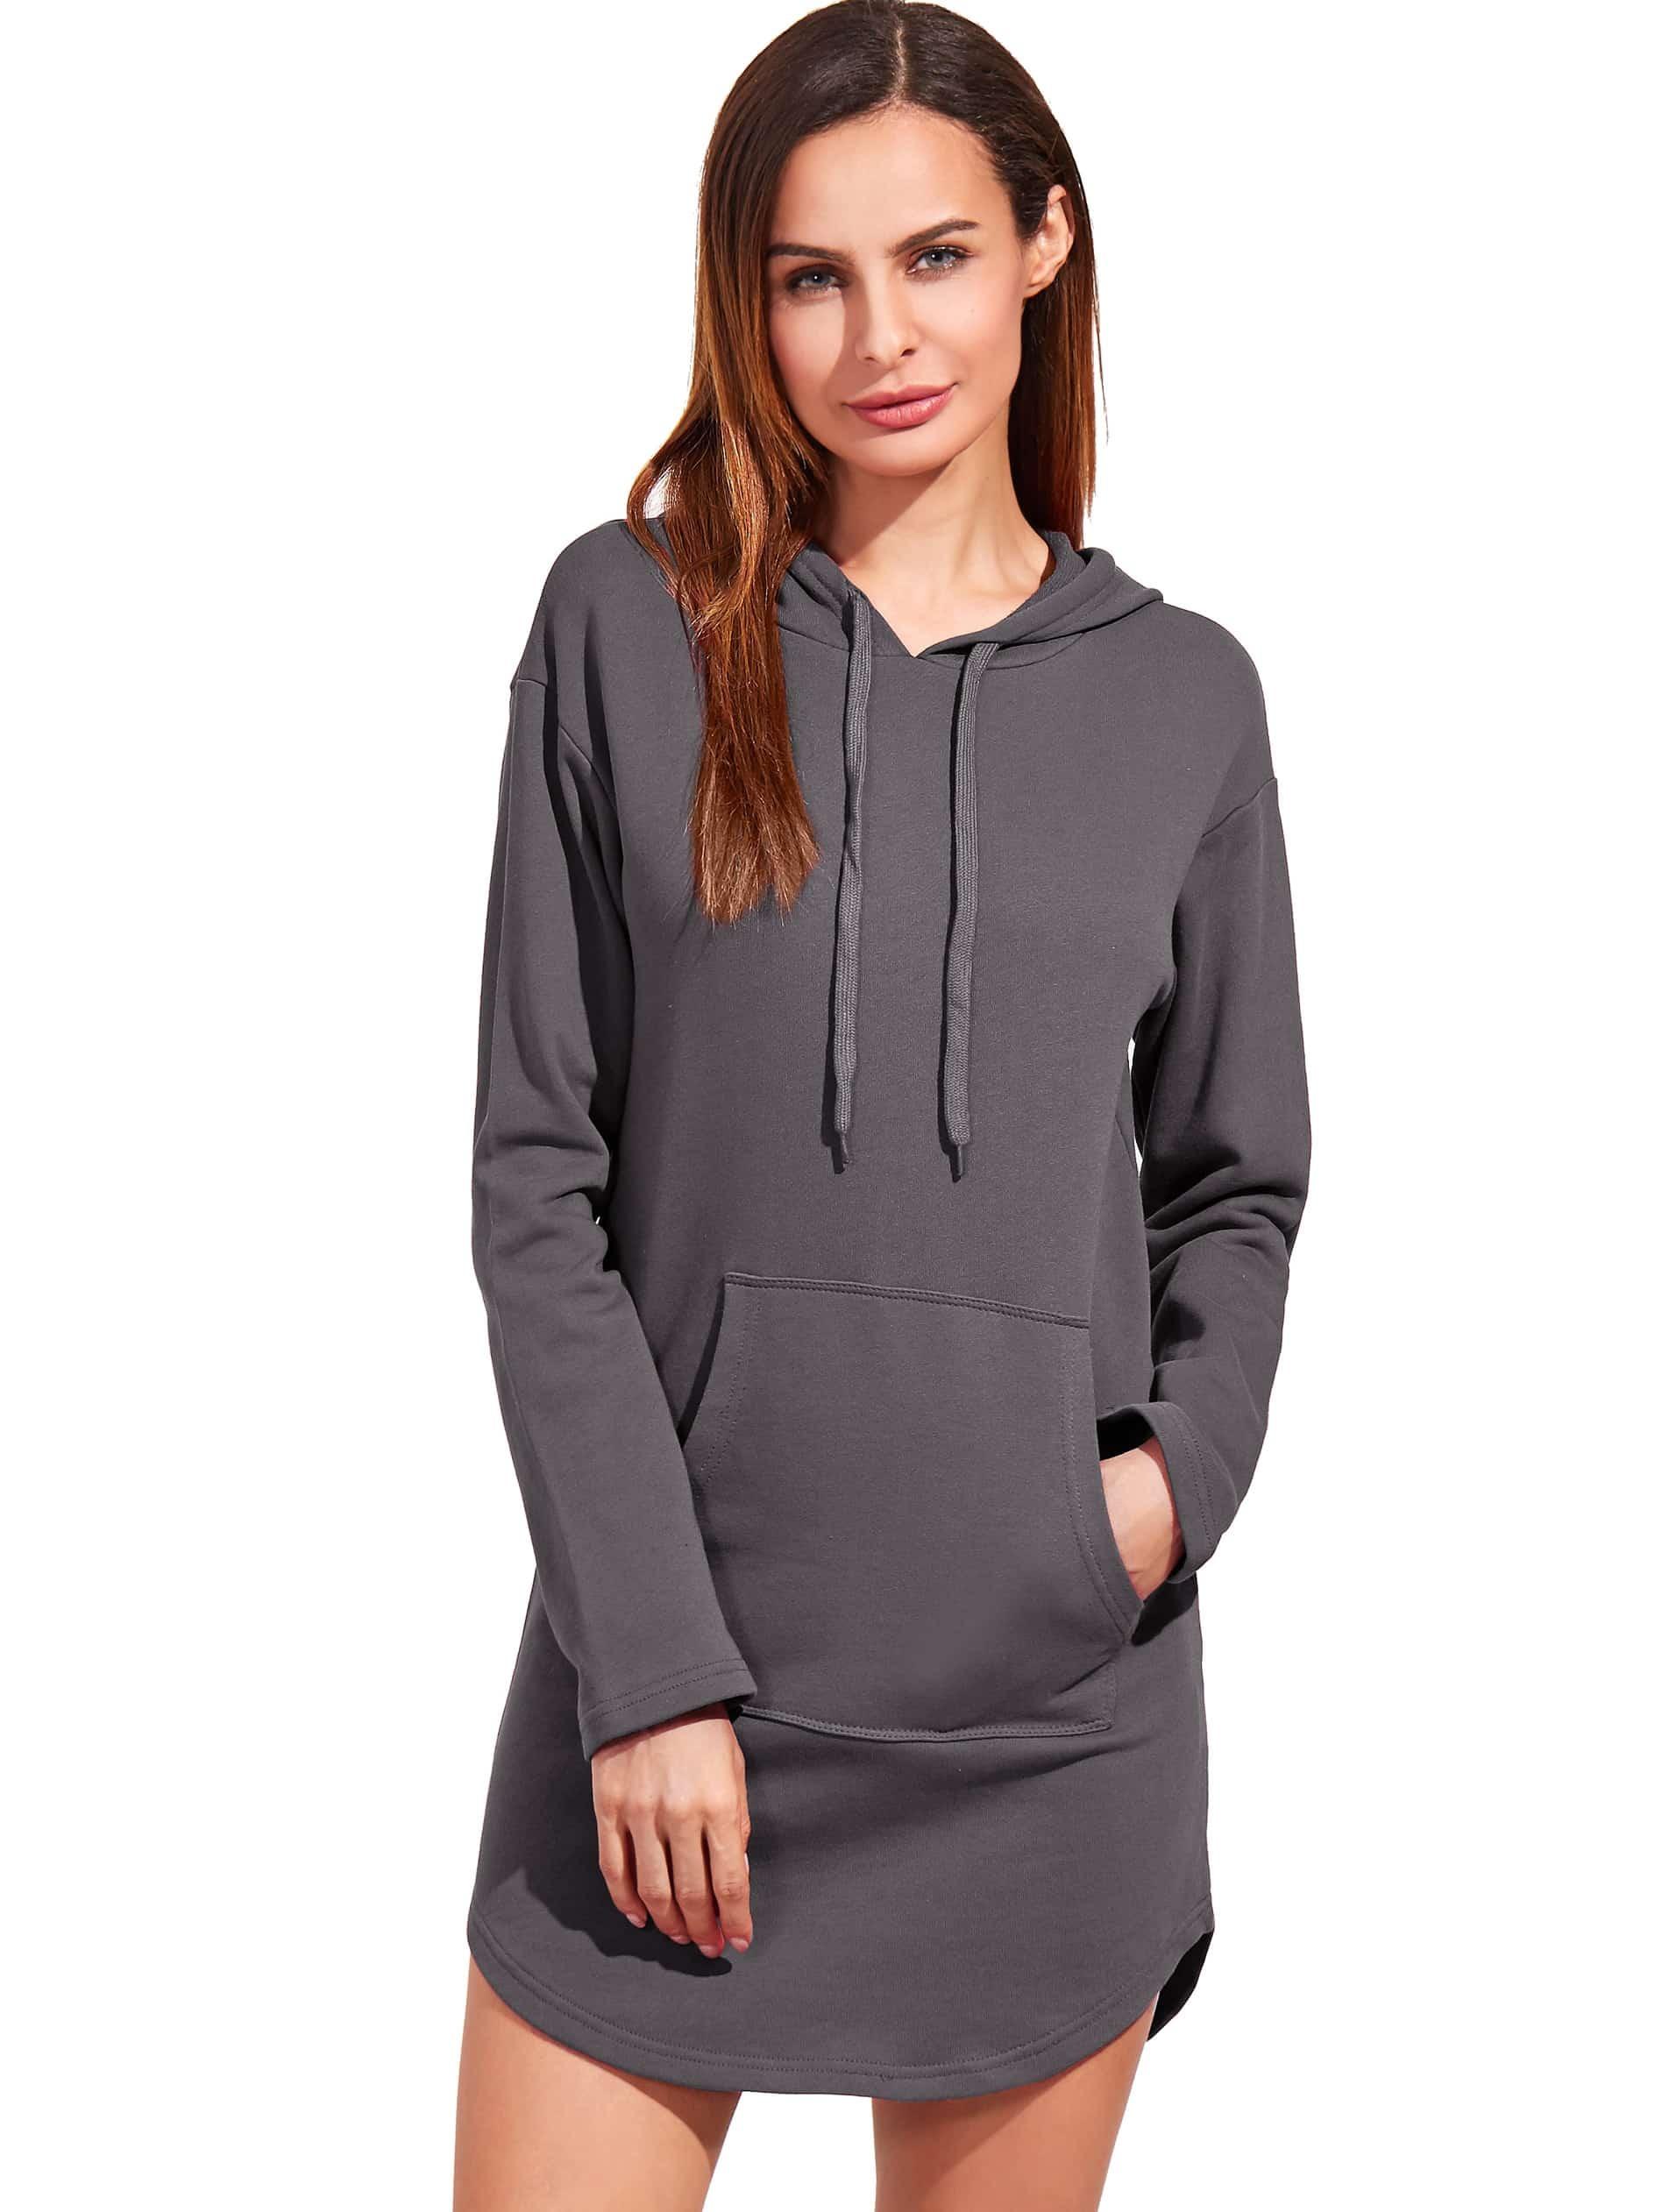 Фото Heather Grey Curved Hem Hooded Sweatshirt Dress With Pocket. Купить с доставкой